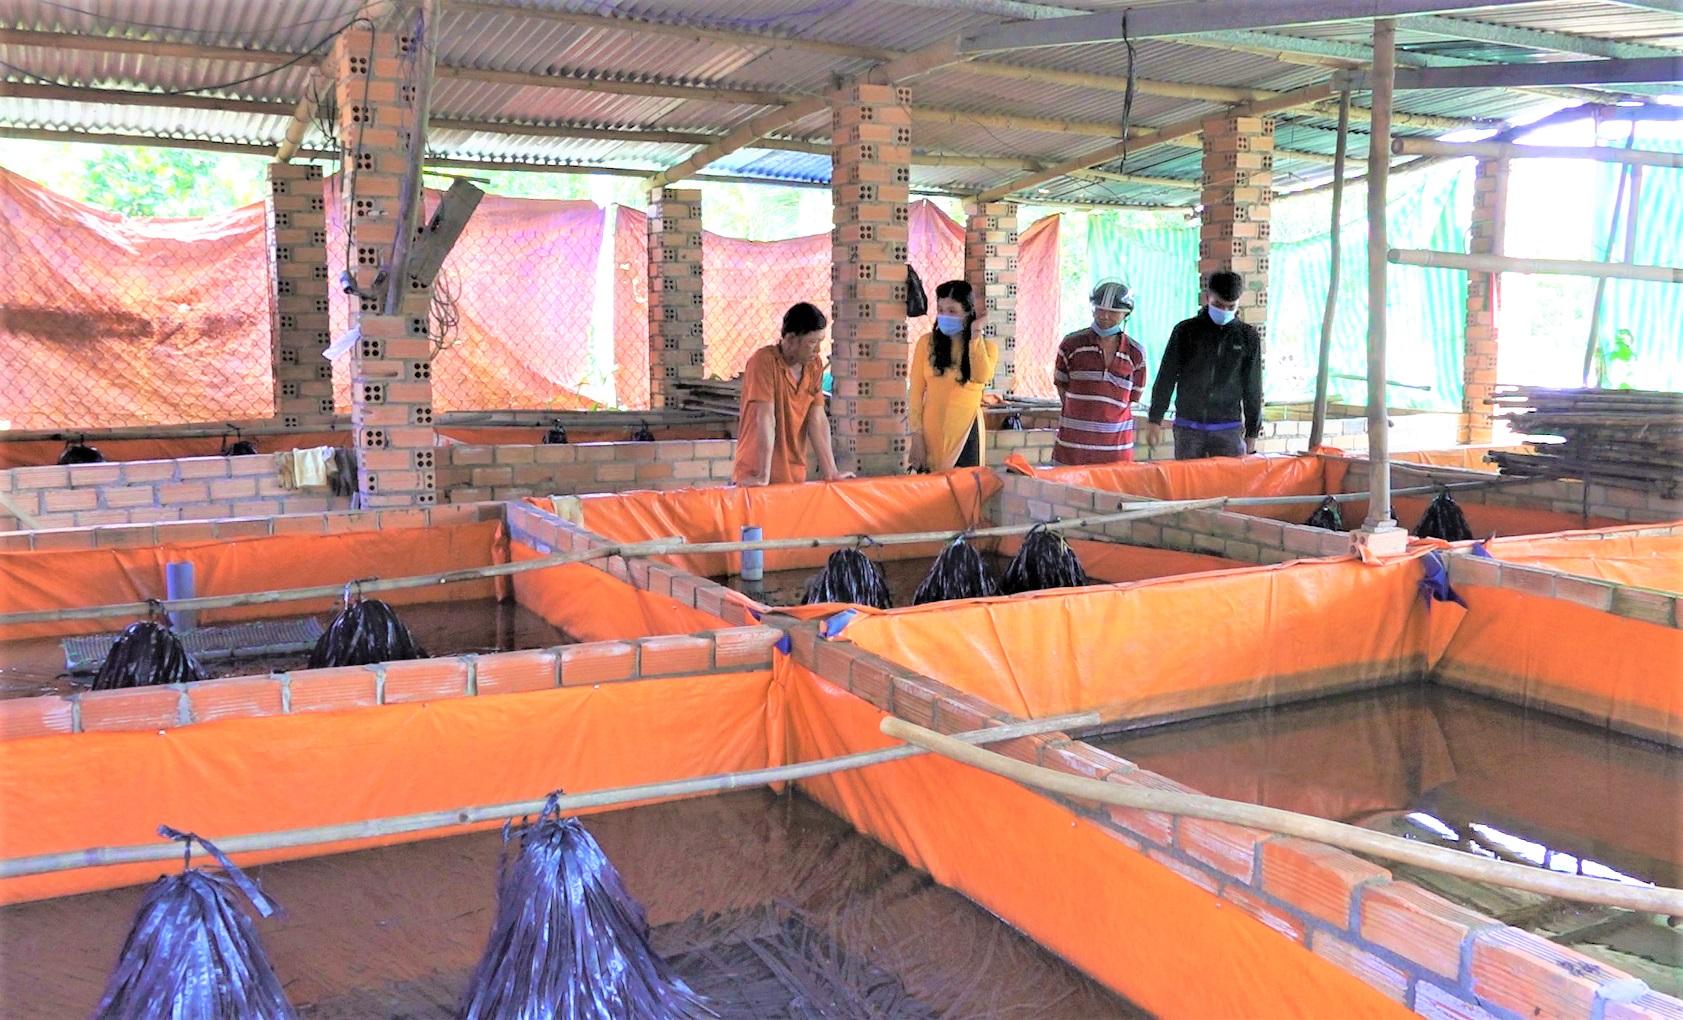 Đồng Nai: Nông dân giàu nhờ xây bể xi măng nuôi lươn không bùn dày đặc, nhiều người kéo đến xem - Ảnh 1.